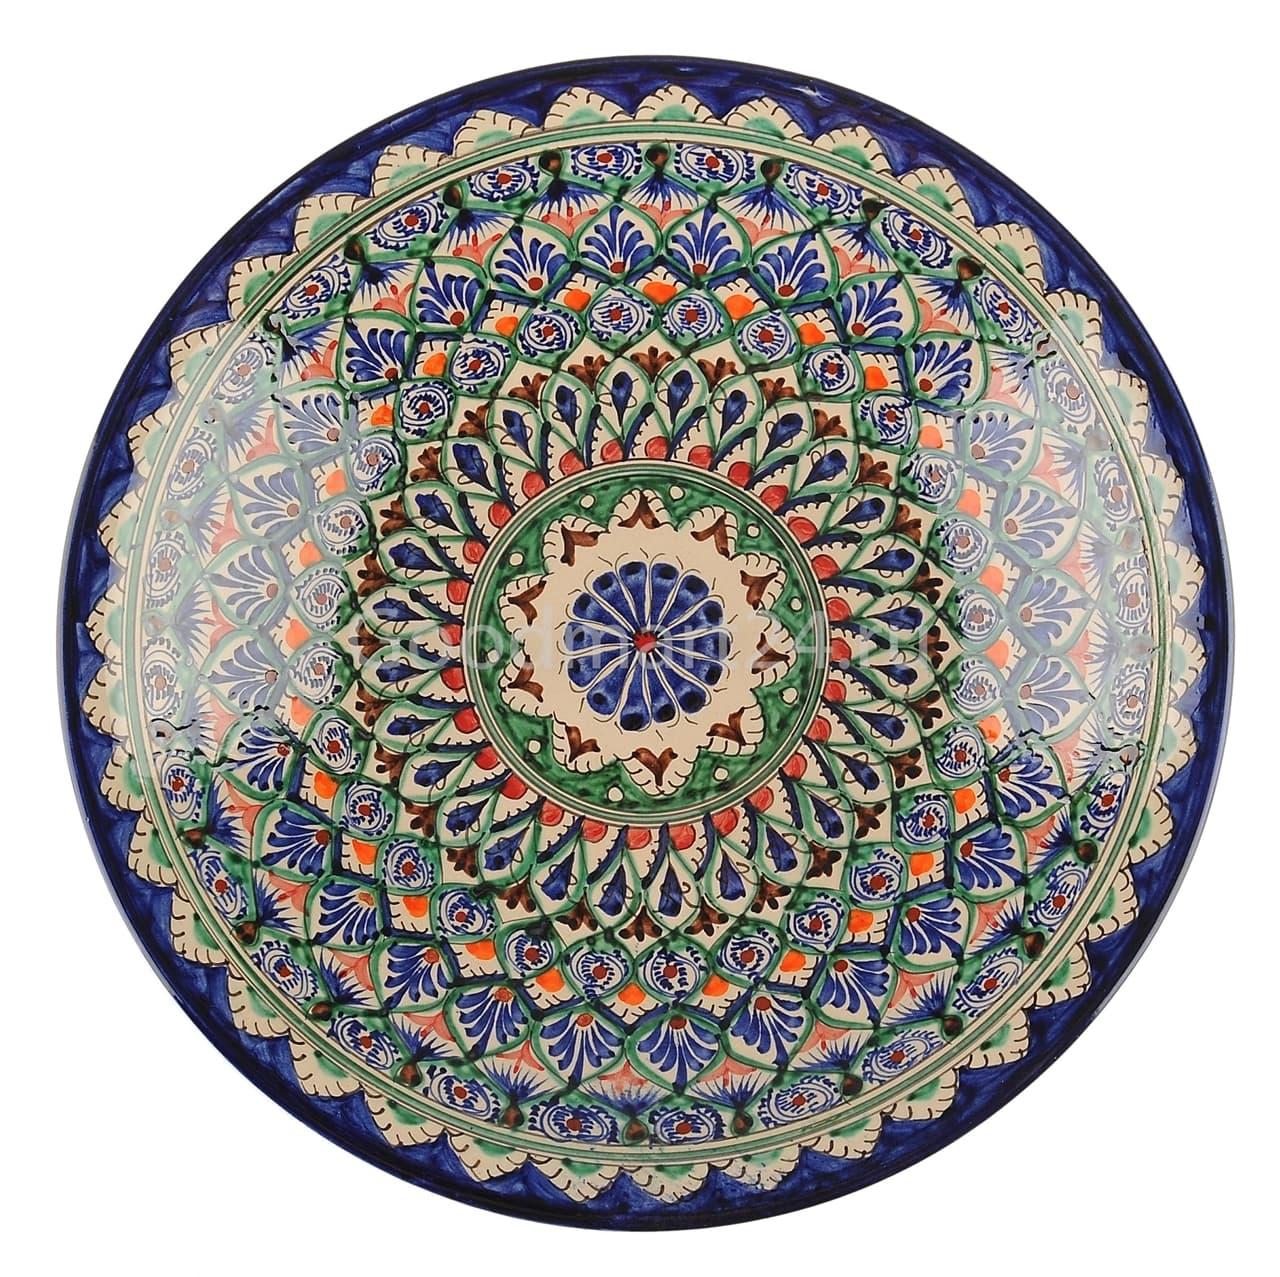 Ляган Риштанская Керамика 32 см. плоский, синий - фото 7317